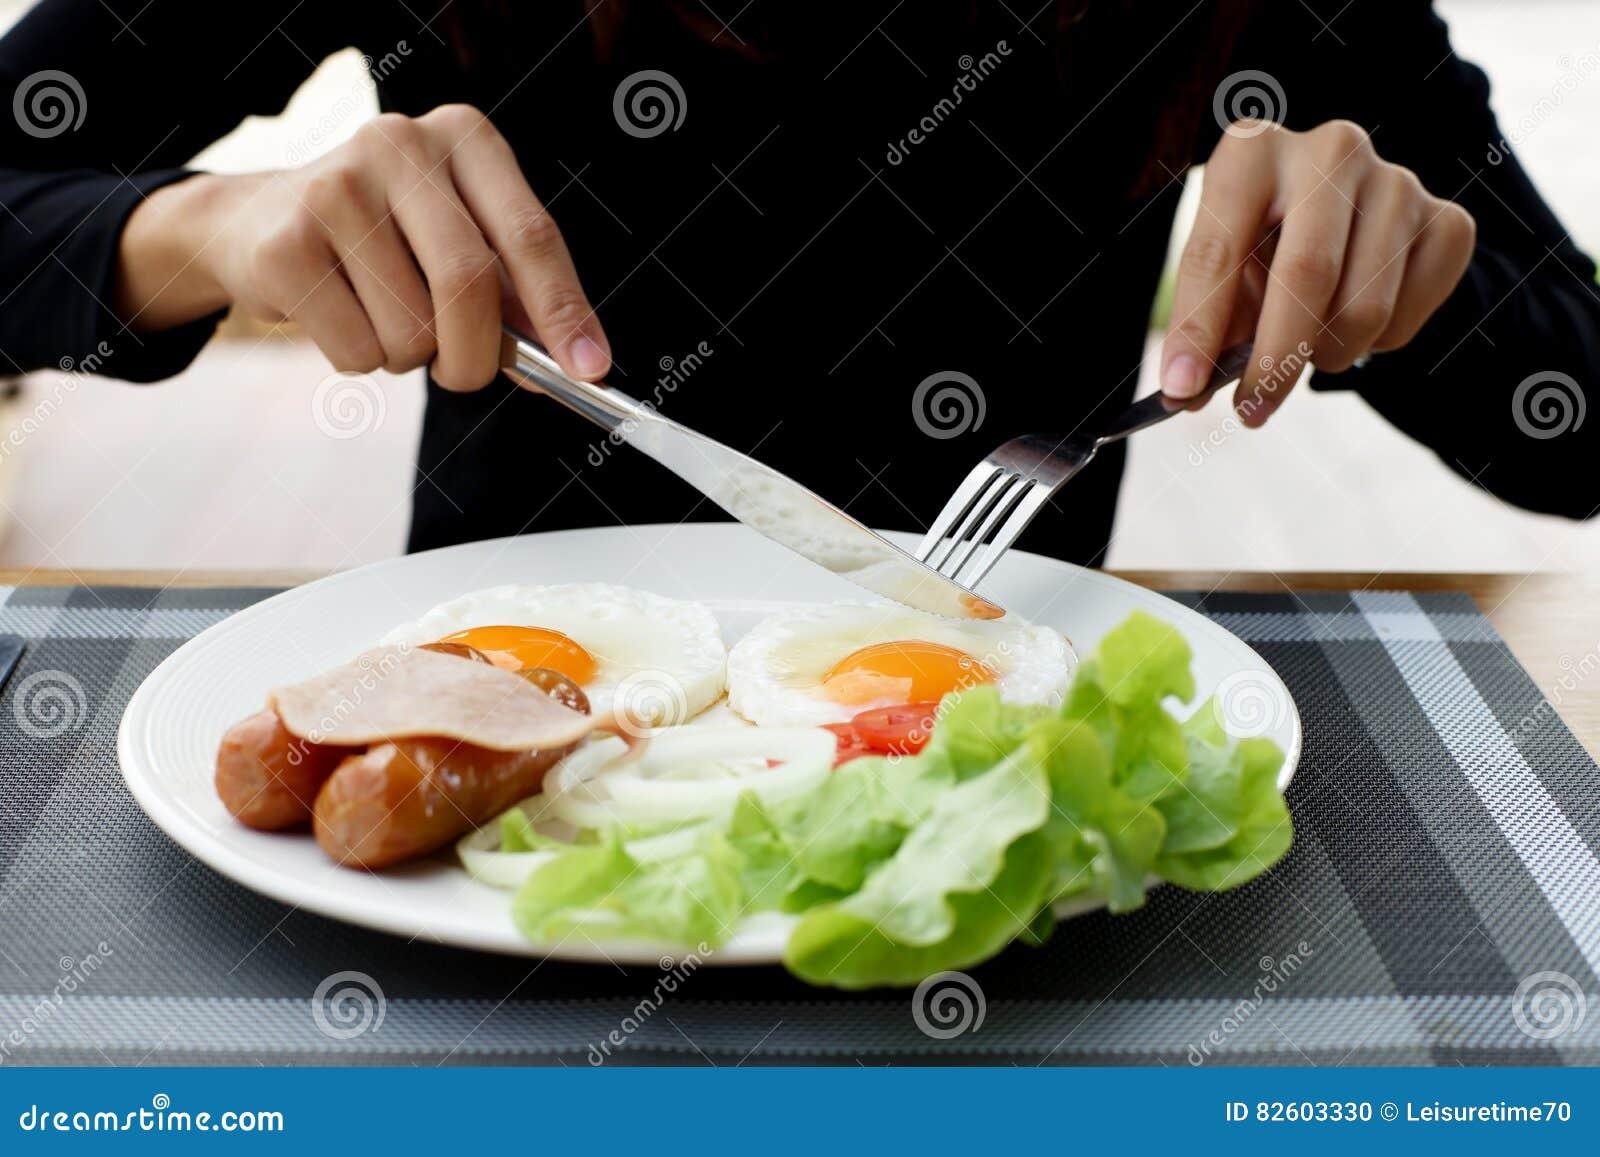 Mãos da mulher que guardam a faca e a forquilha durante comer o café da manhã